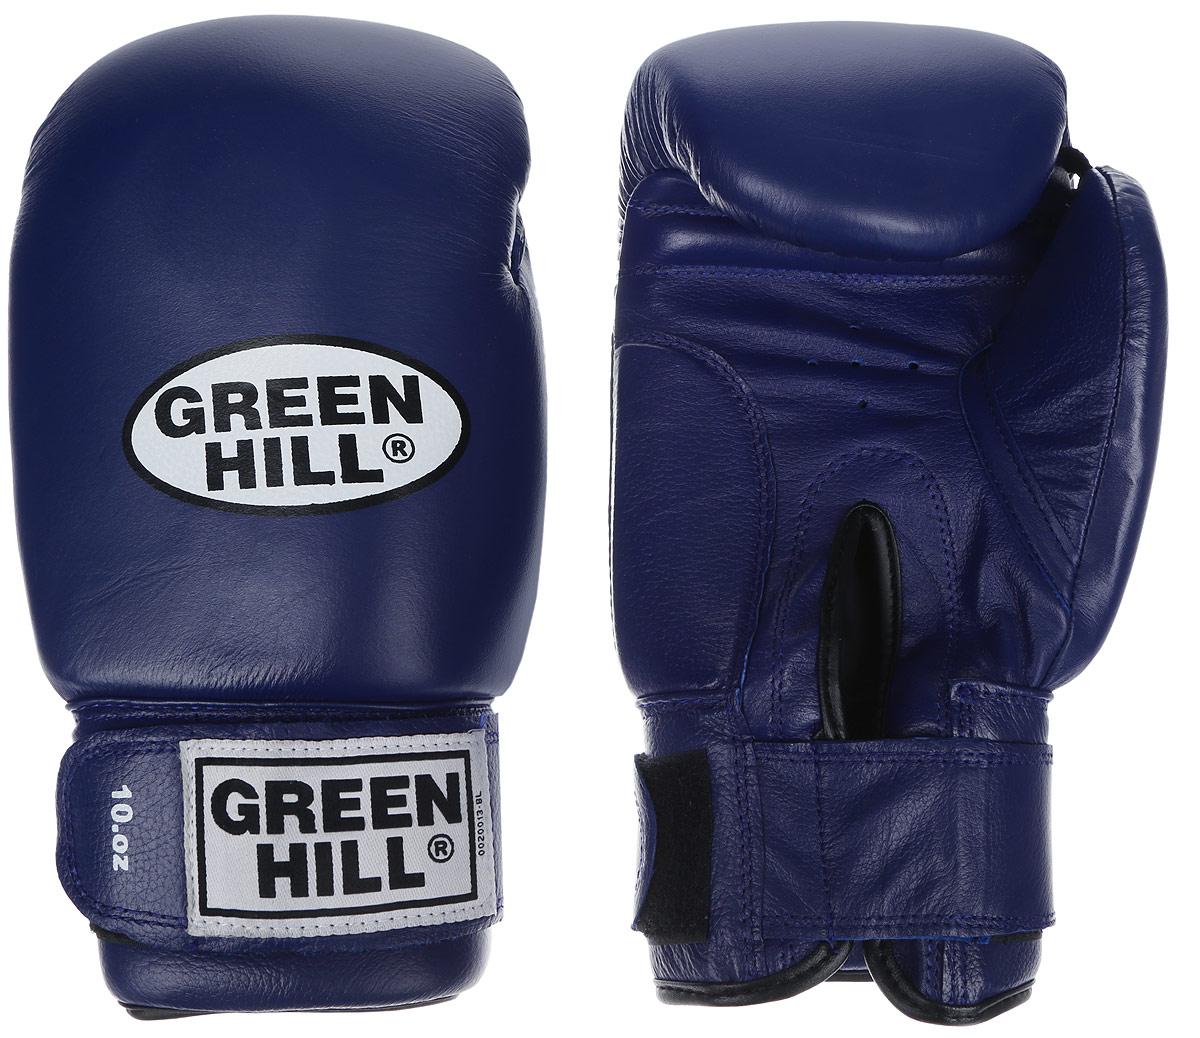 Перчатки боксерские Green Hill Super Star, цвет: синий, белый. Вес 10 унций. BGS-1213сAP02013Боксерские перчатки Green Hill Super Star предназначены для использования профессионалами. Подойдут для спаррингов и соревнований. Верх выполнен из натуральной кожи, наполнитель - из вспененного полимера. Отверстие в области ладони позволяет создать максимально комфортный терморежим во время занятий. Манжет на липучке способствует быстрому и удобному надеванию перчаток, плотно фиксирует перчатки на руке.